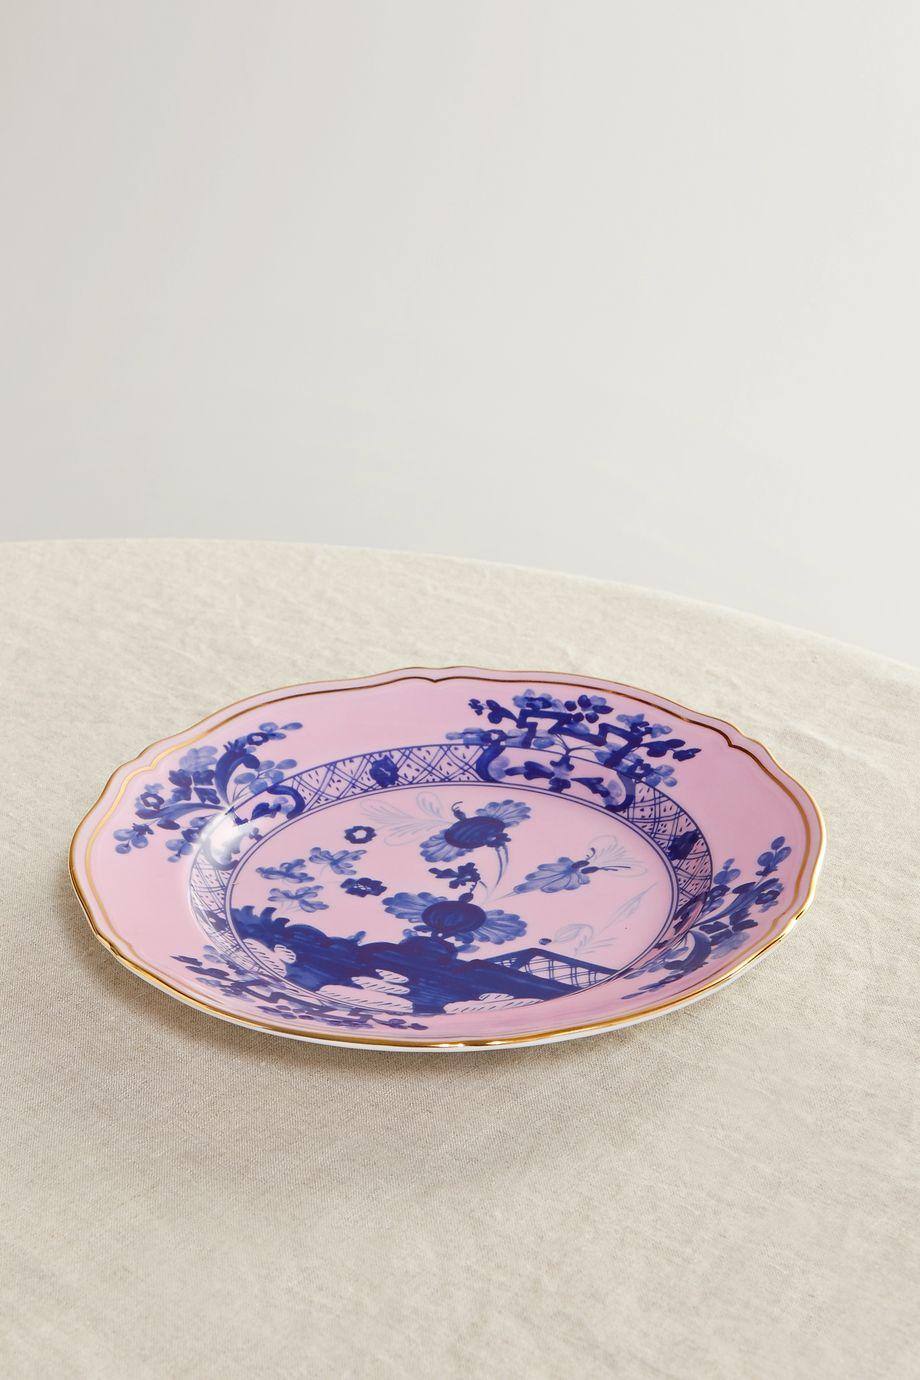 Ginori Oriente Italiano 21 cm Teller aus Porzellan mit vergoldeten Details